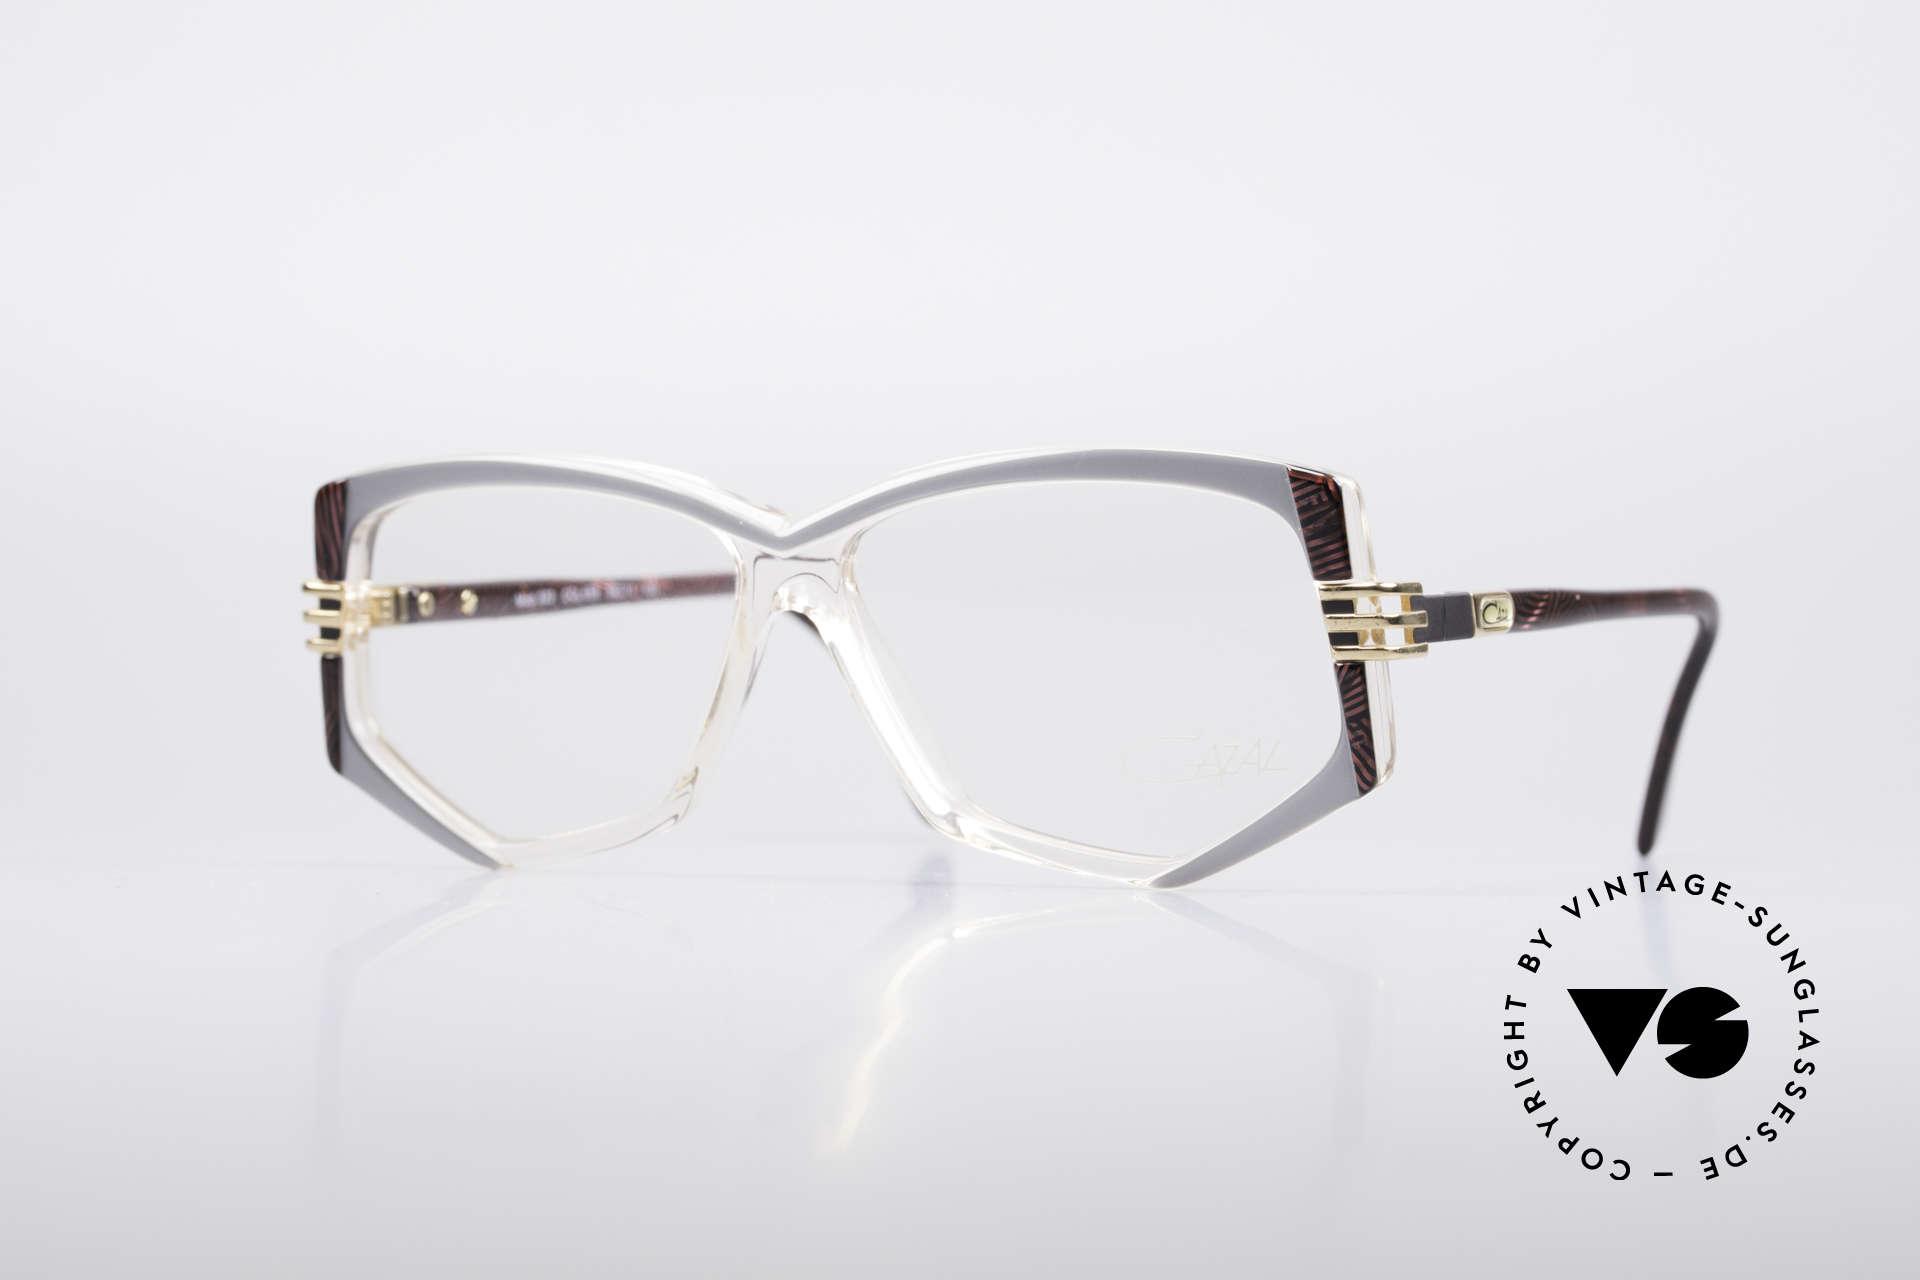 Cazal 322 80er West Germany Cazal, originelle Cazal Designerbrille aus den 80er Jahre, Passend für Damen